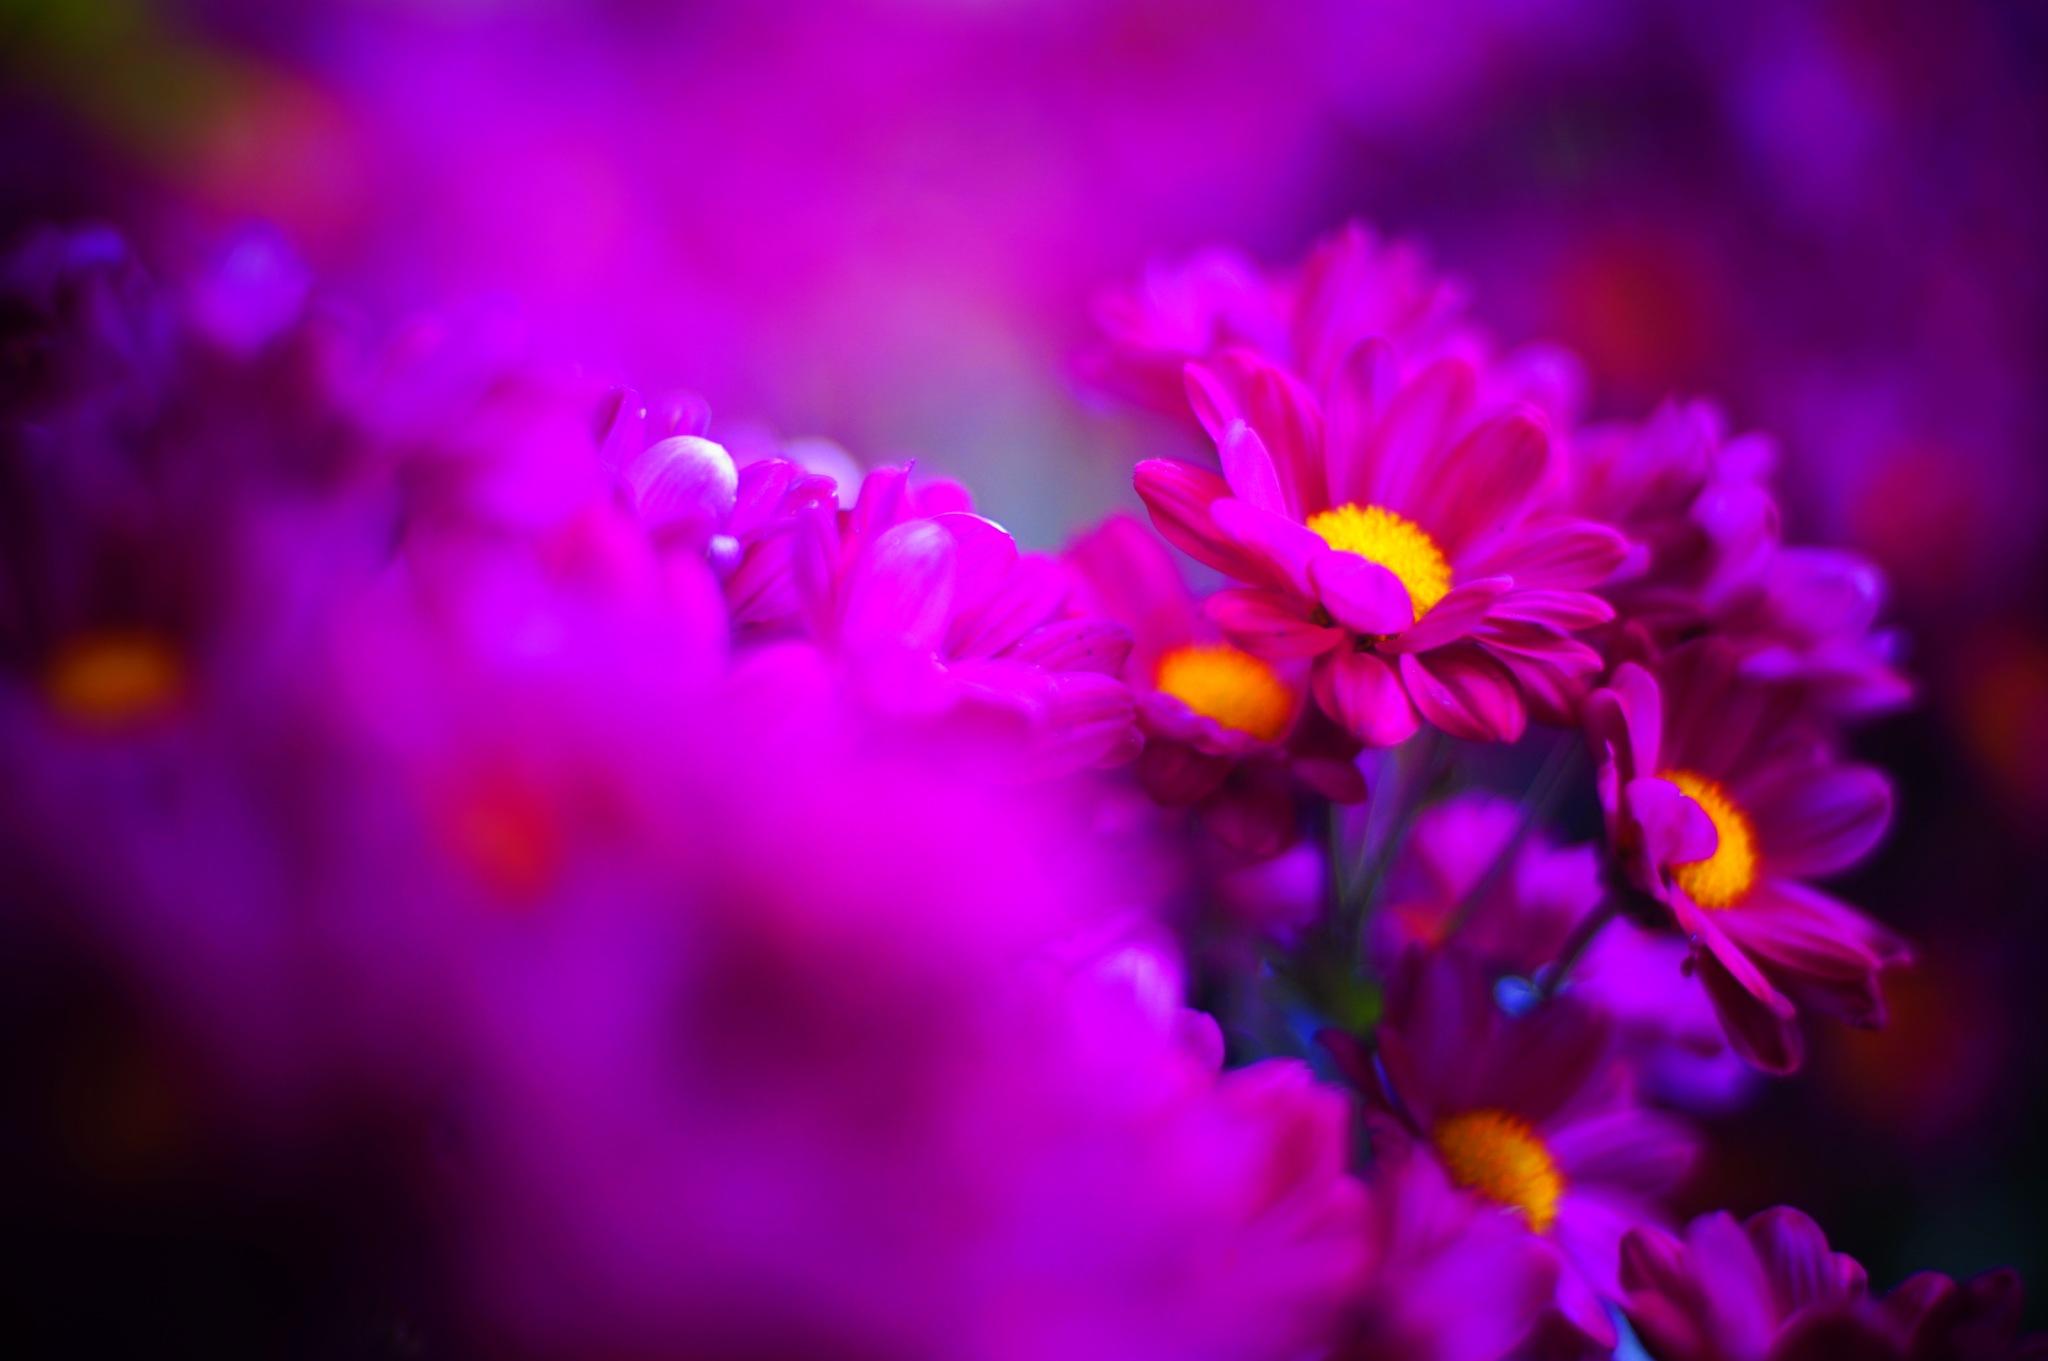 菊 by yihwork